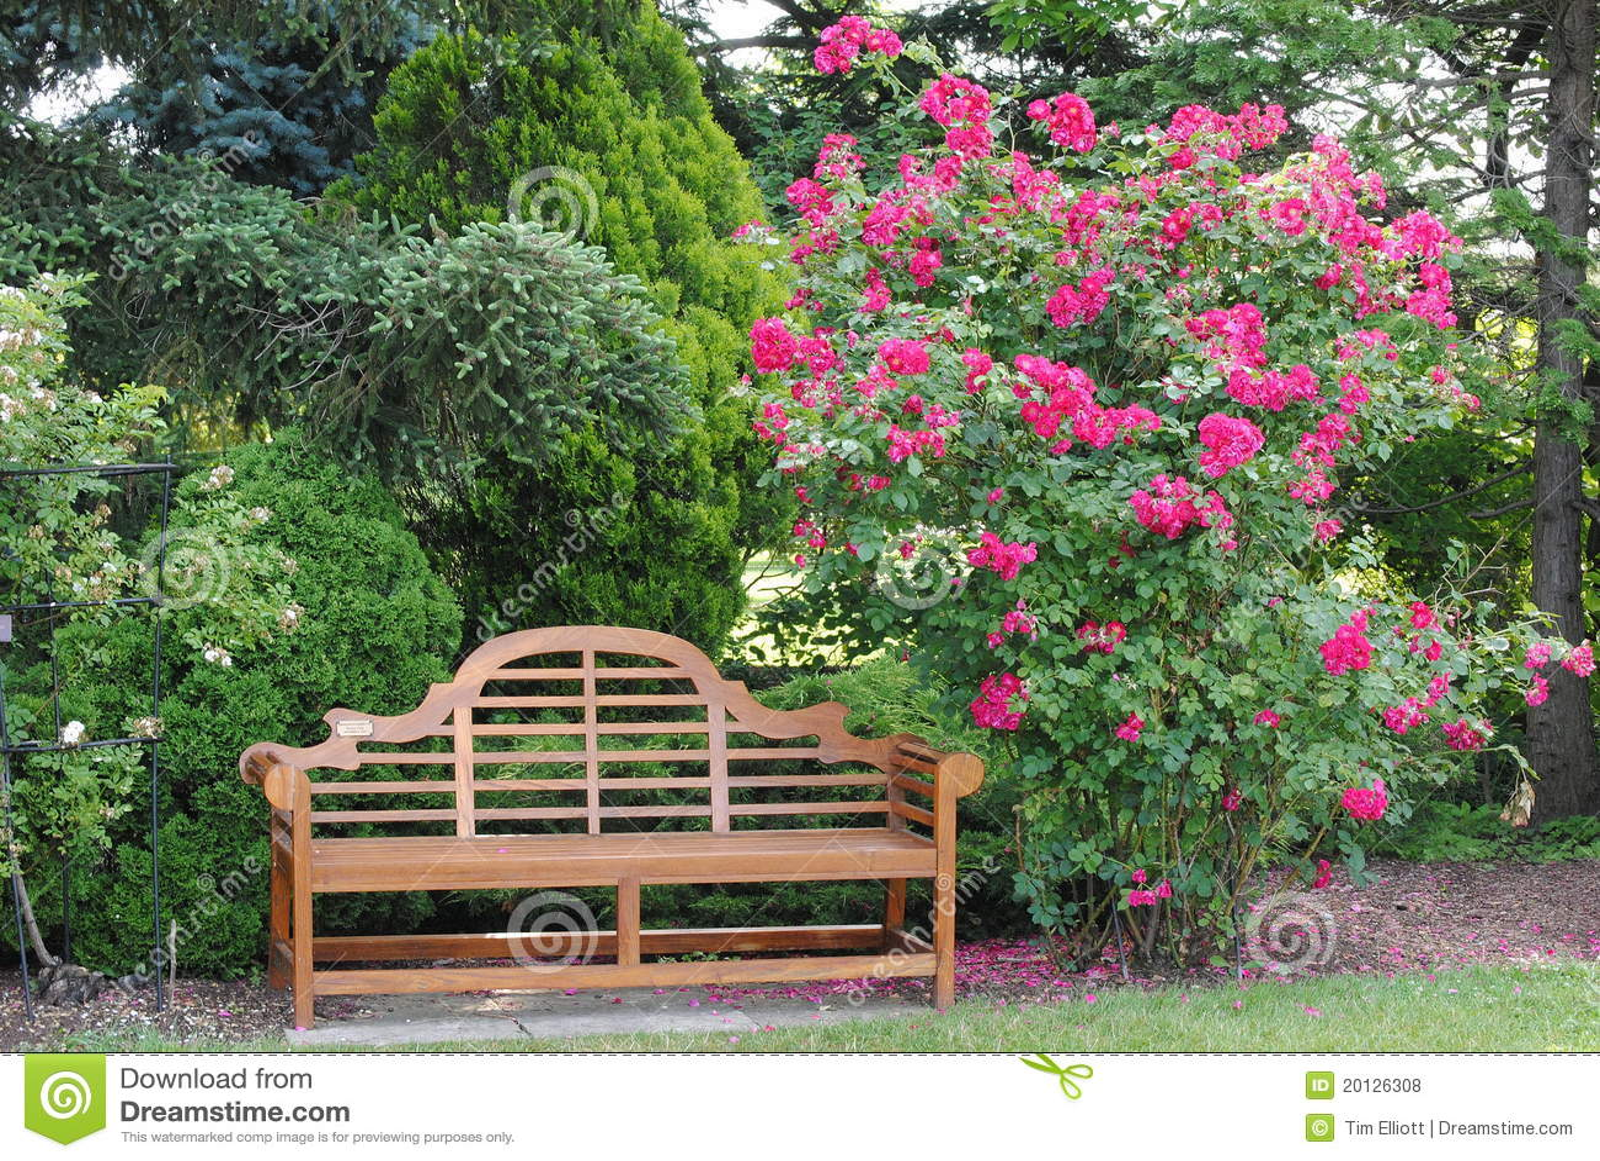 rosenbusch und eine garten bank lizenzfreie stockfotos. Black Bedroom Furniture Sets. Home Design Ideas